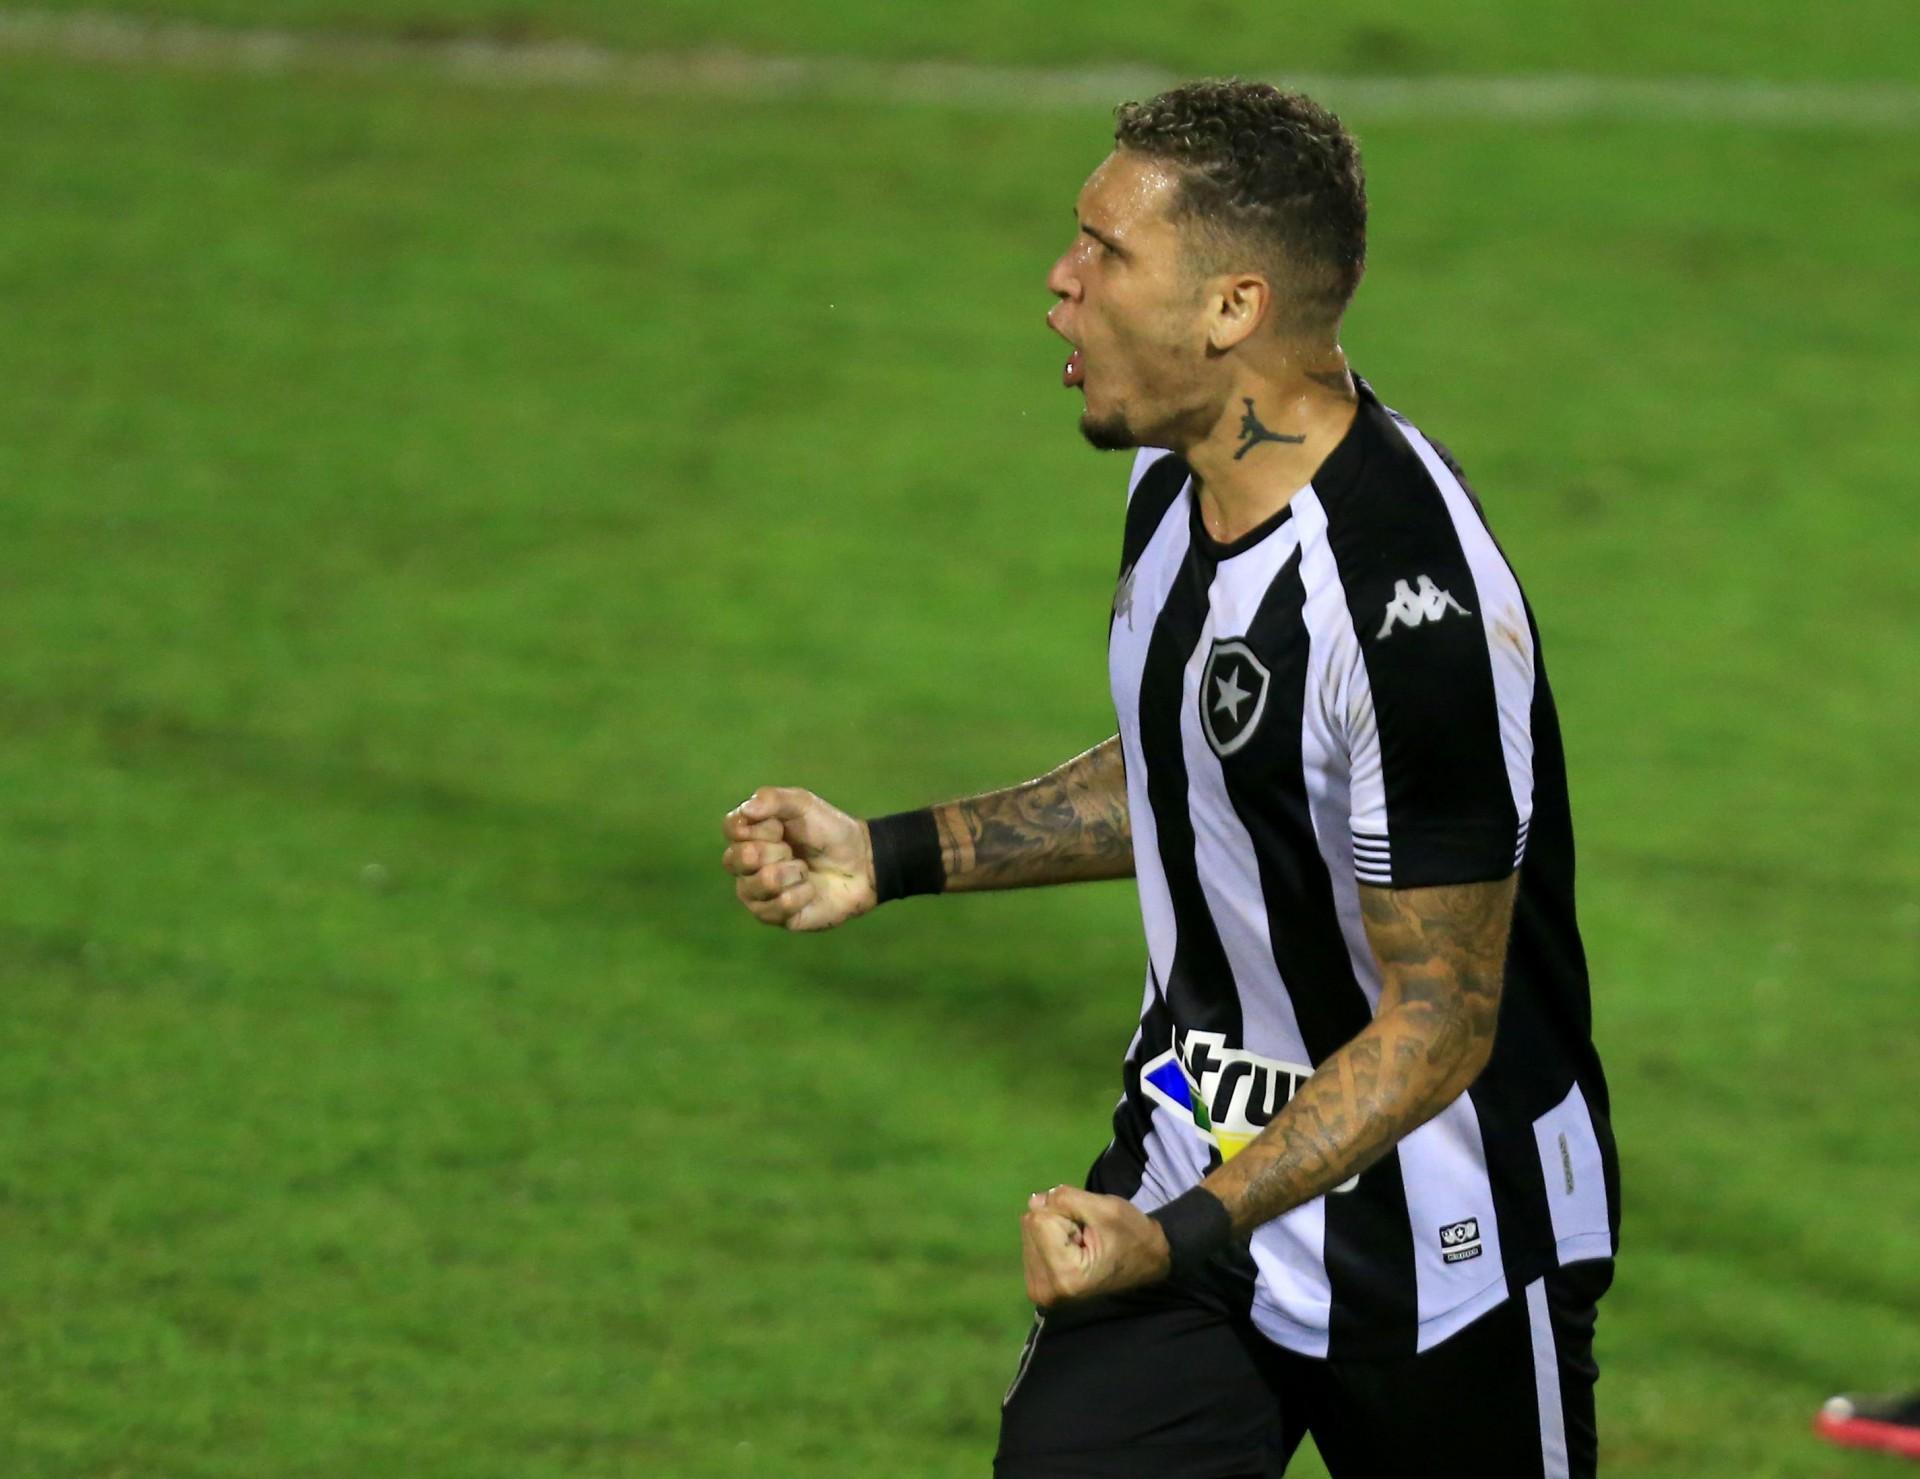 Após reunião com representantes, Navarro decide não renovar com o Botafogo